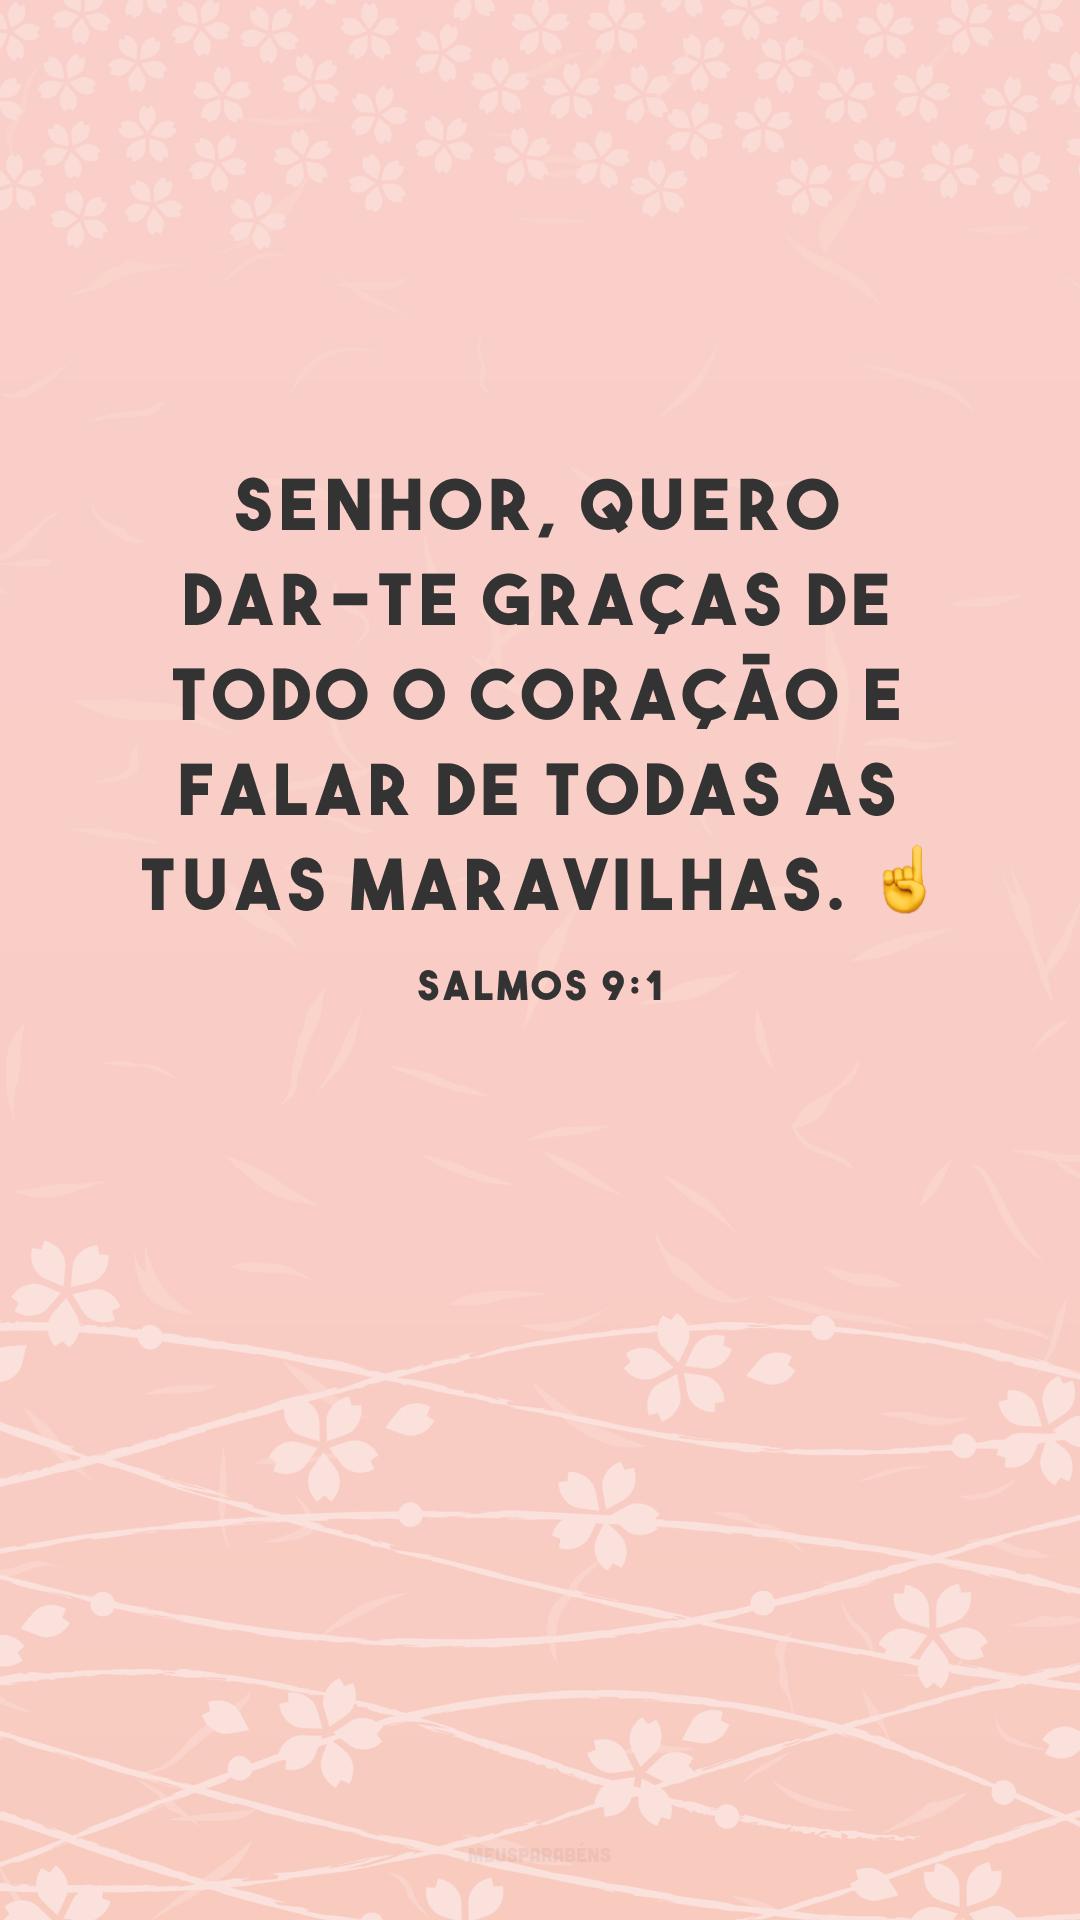 Senhor, quero dar-te graças de todo o coração e falar de todas as tuas maravilhas. ☝<br />